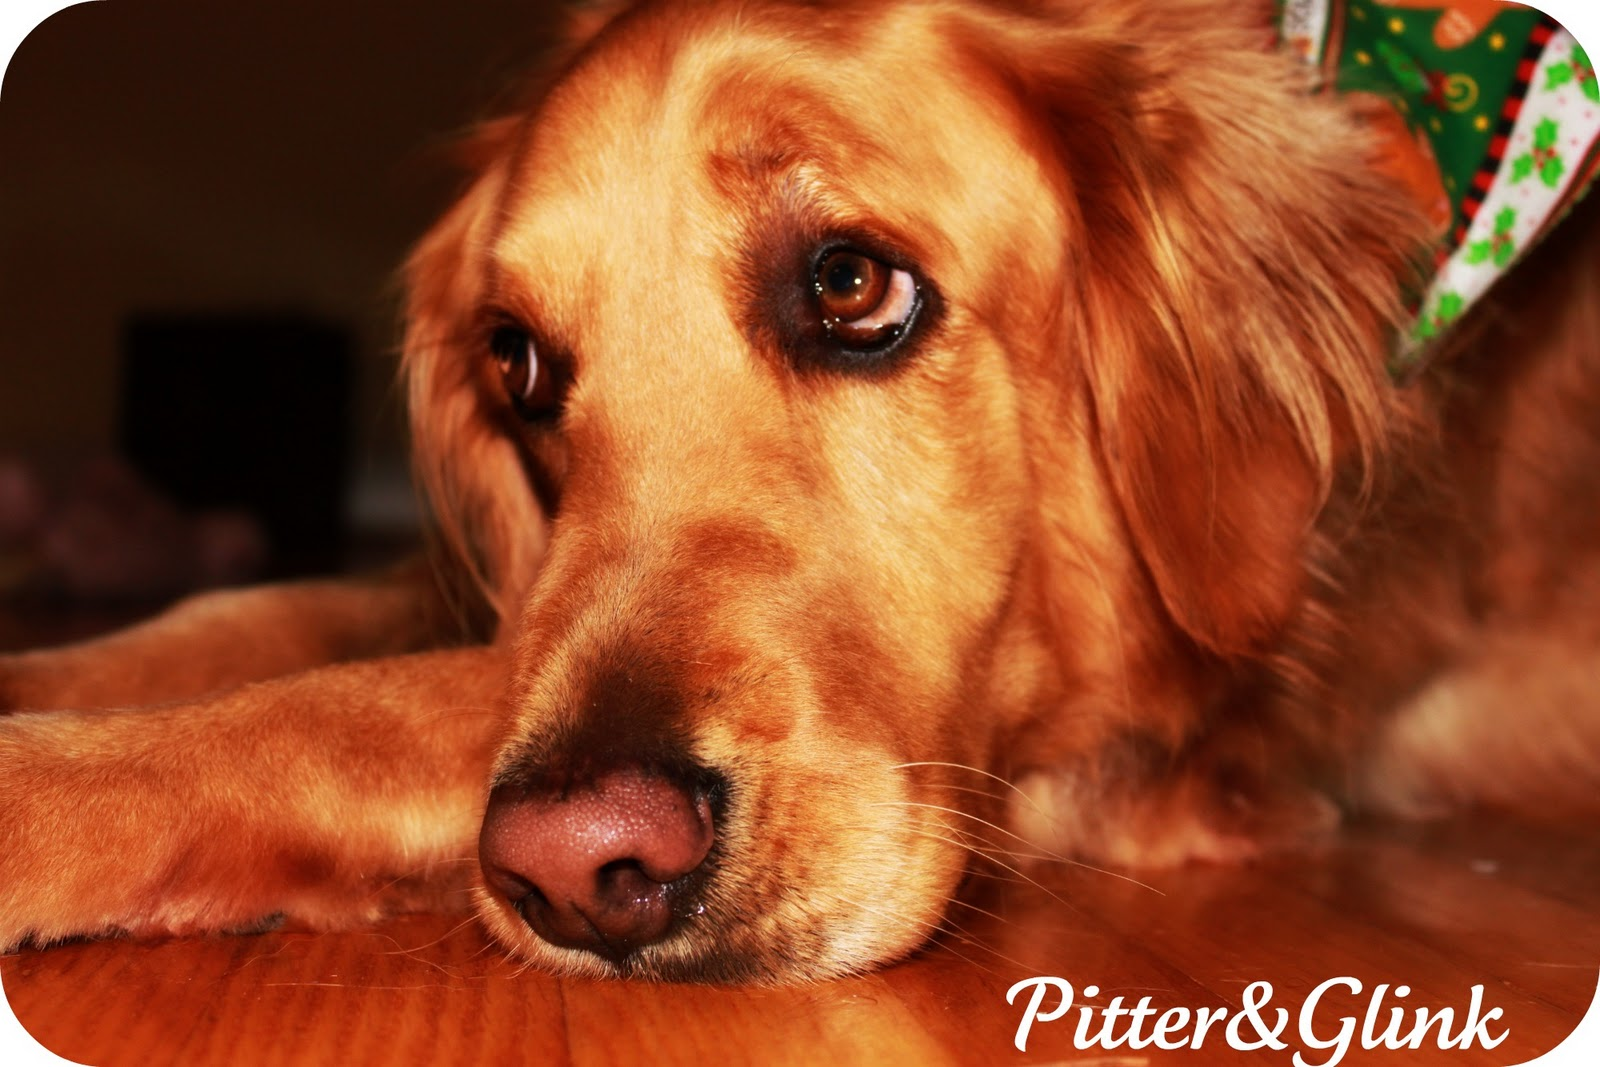 http://4.bp.blogspot.com/-m_Hwd0ZSDSg/TvVWzPW3CuI/AAAAAAAAAvY/W3hVTNOhabY/s1600/Lily.jpg